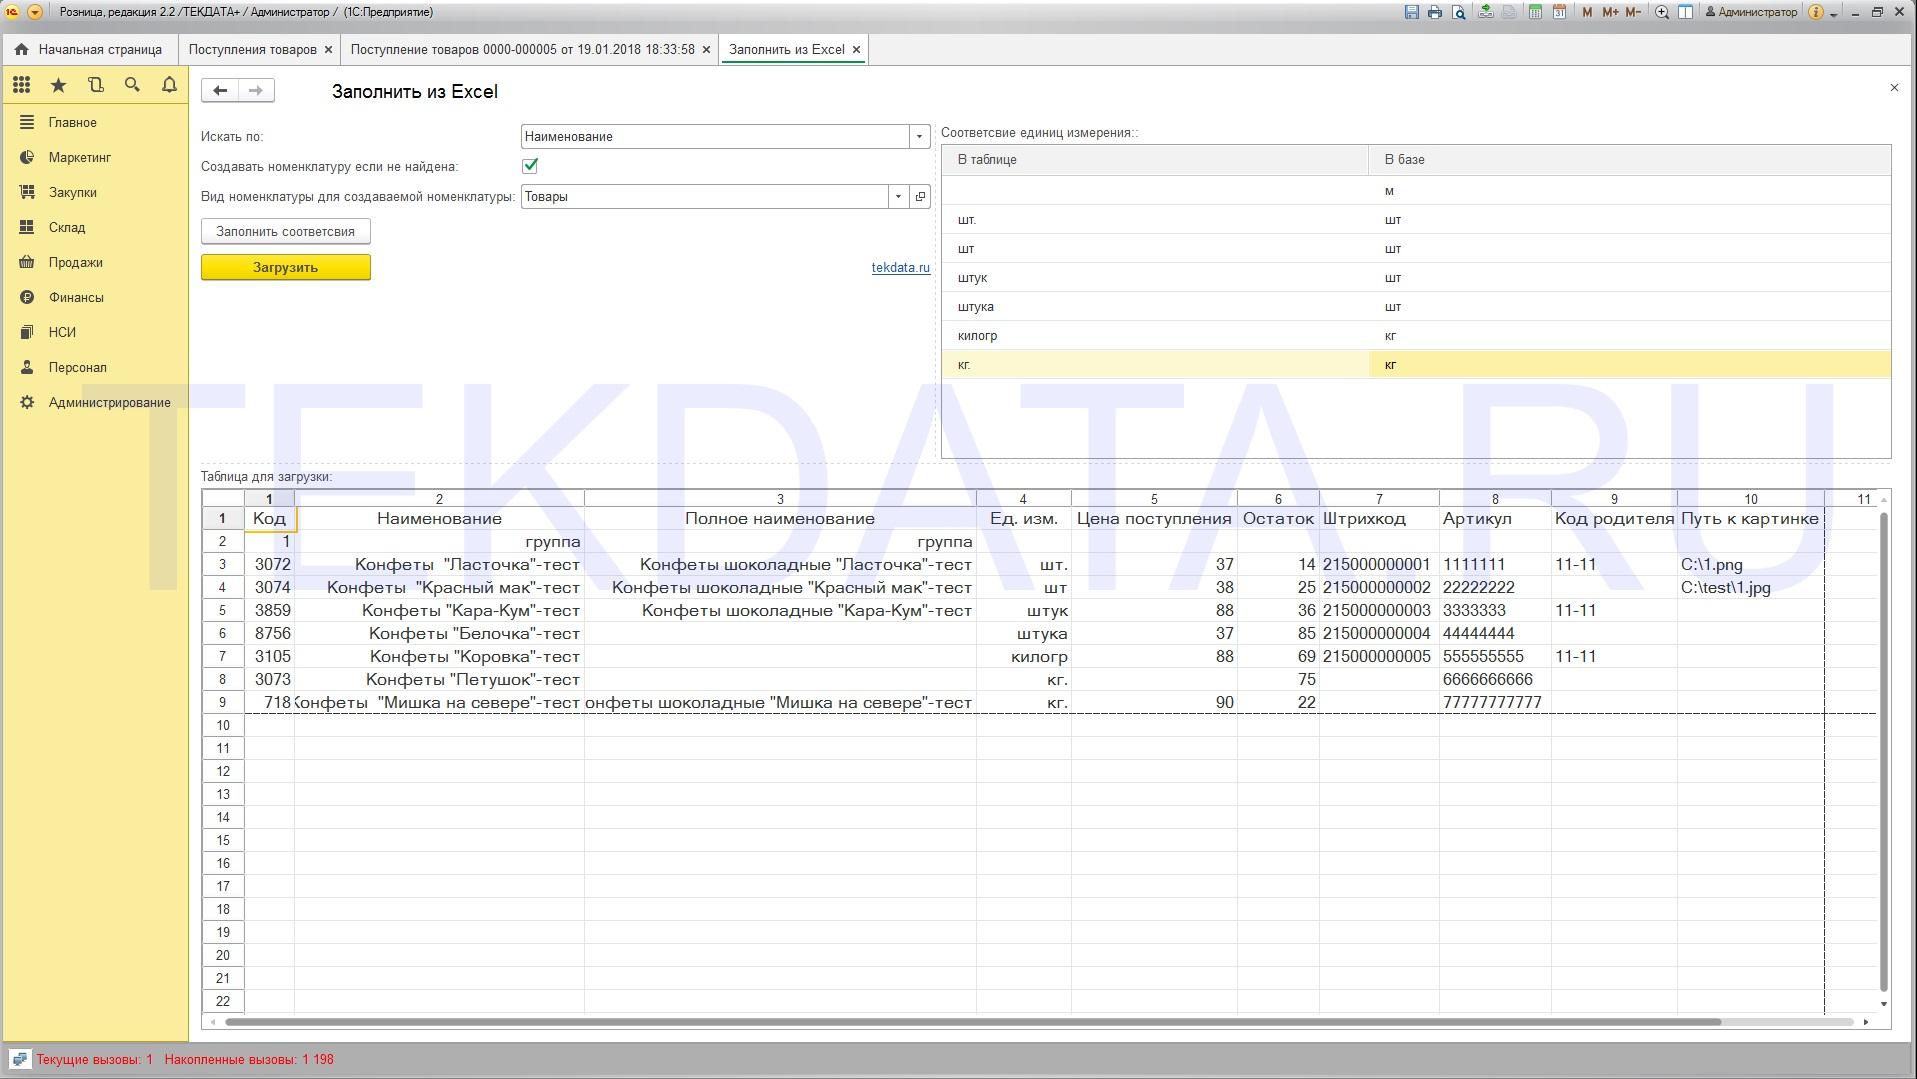 Заполнение документа Поступление товаров из Excel с возможностью загрузки картинок для 1С Розница 2.2 (Внешняя обработка)